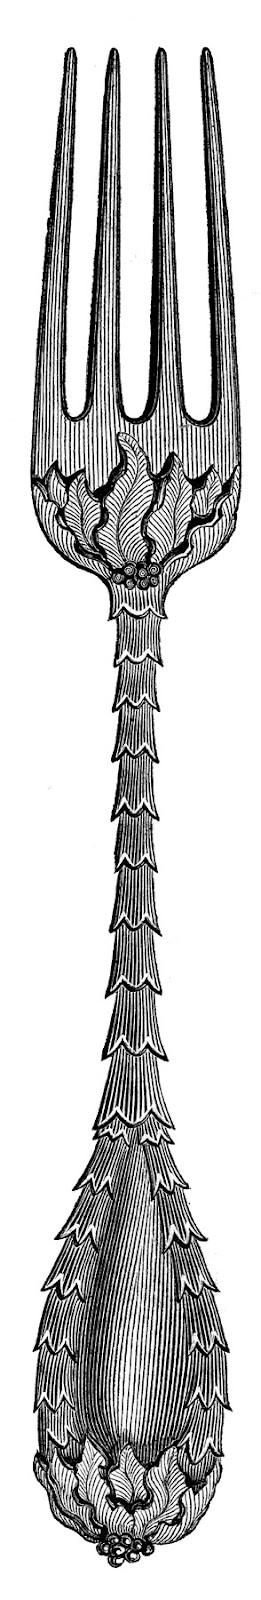 Vintage Clip Art U2013 Fancy Utensils U2013 Fork Spoon Knife - Fancy Fork PNG Black And White